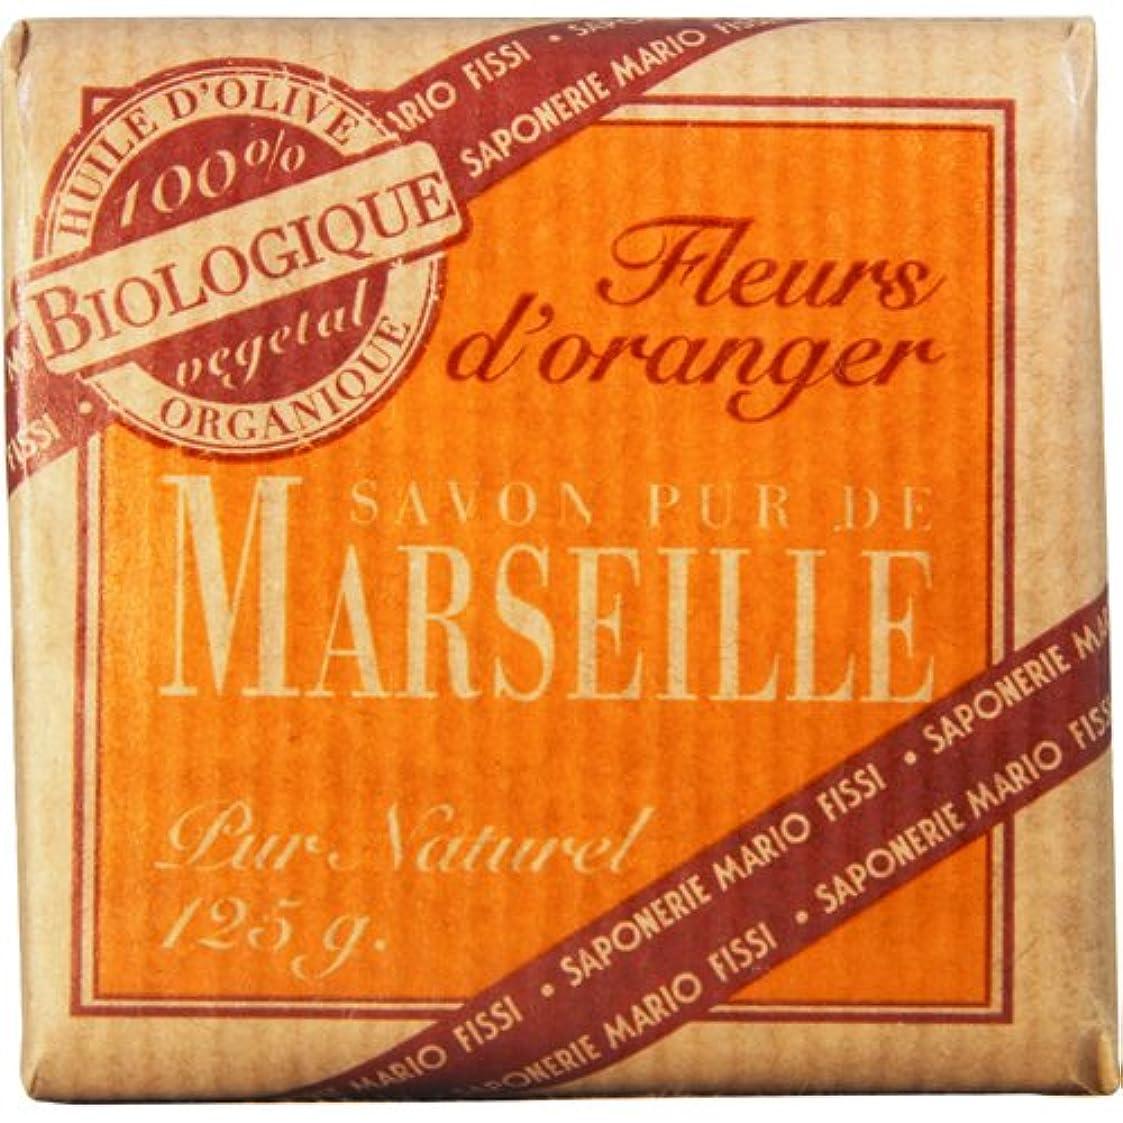 撃退する聴く子羊Saponerire Fissi マルセイユシリーズ マルセイユソープ 125g Orange Flower オレンジフラワー